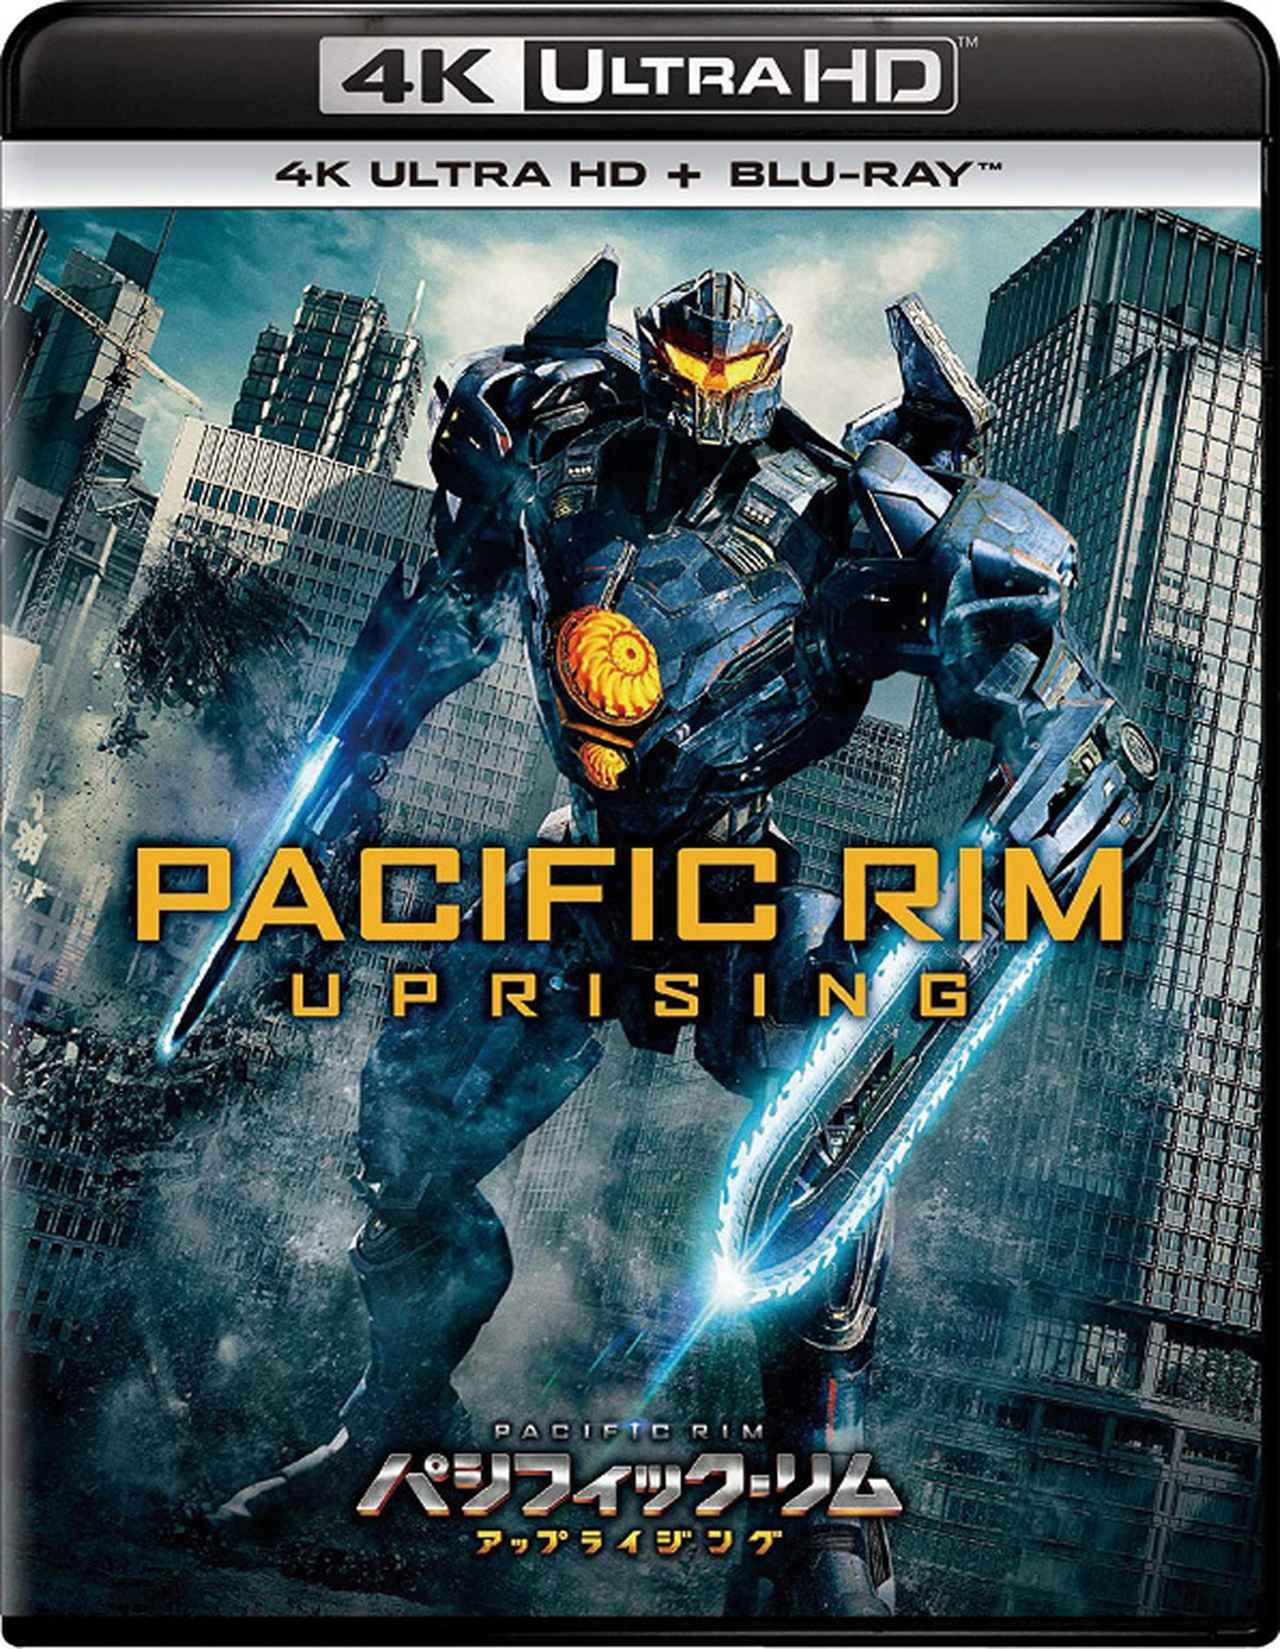 画像: 巨大ロボットと異次元から襲来する怪獣との戦いを描いた大ヒット作の続編。重量感たっぷりの映像は4Kテレビだと見ごたえ満点だ。